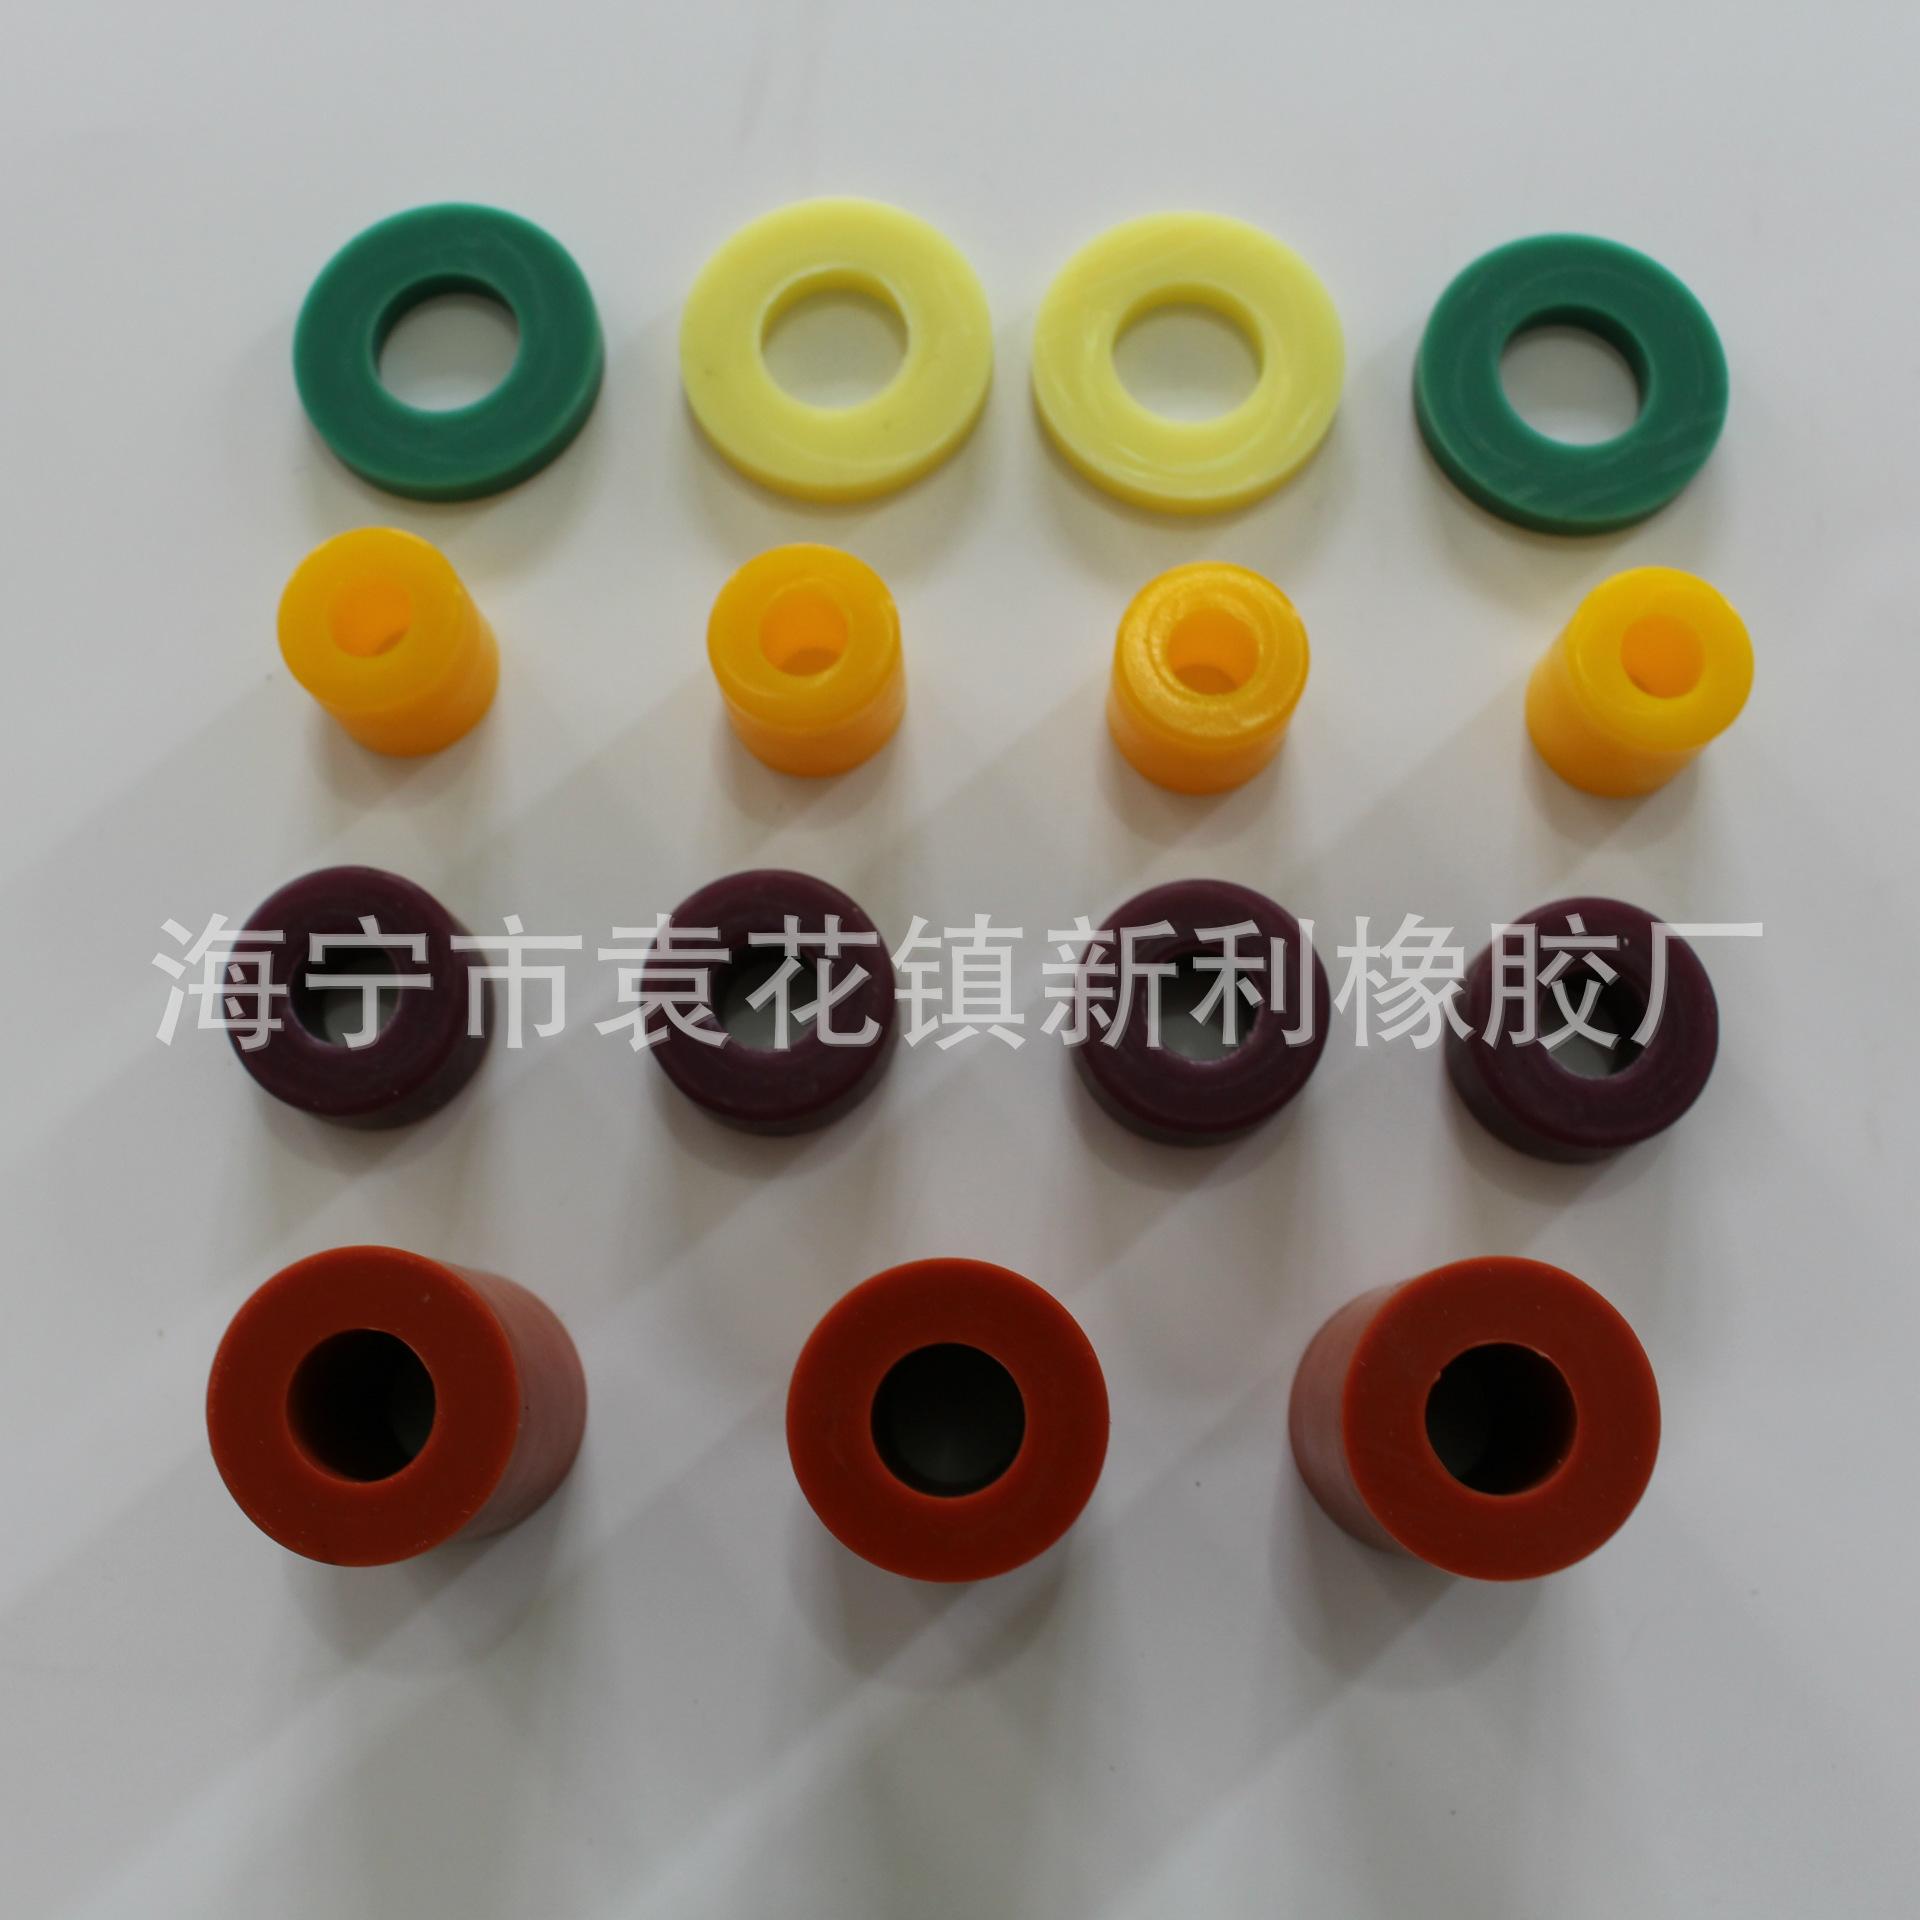 海宁厂家直供 减震防震橡胶柱 圆柱形黑色橡胶套筒 20mm硅胶柱